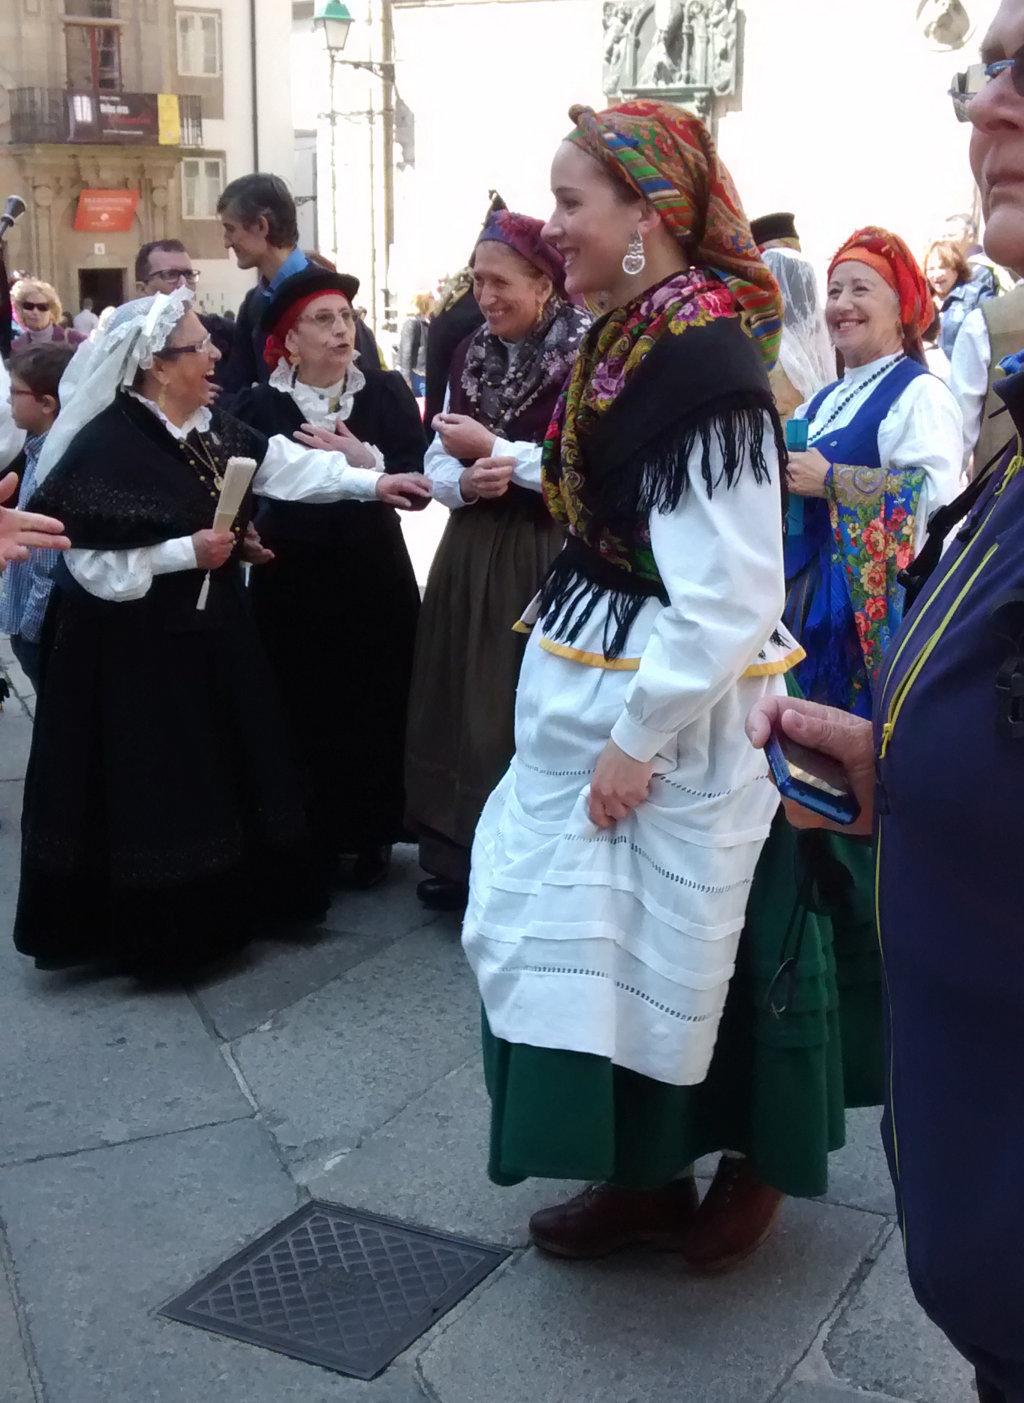 Mujer con zuecos y traje típico